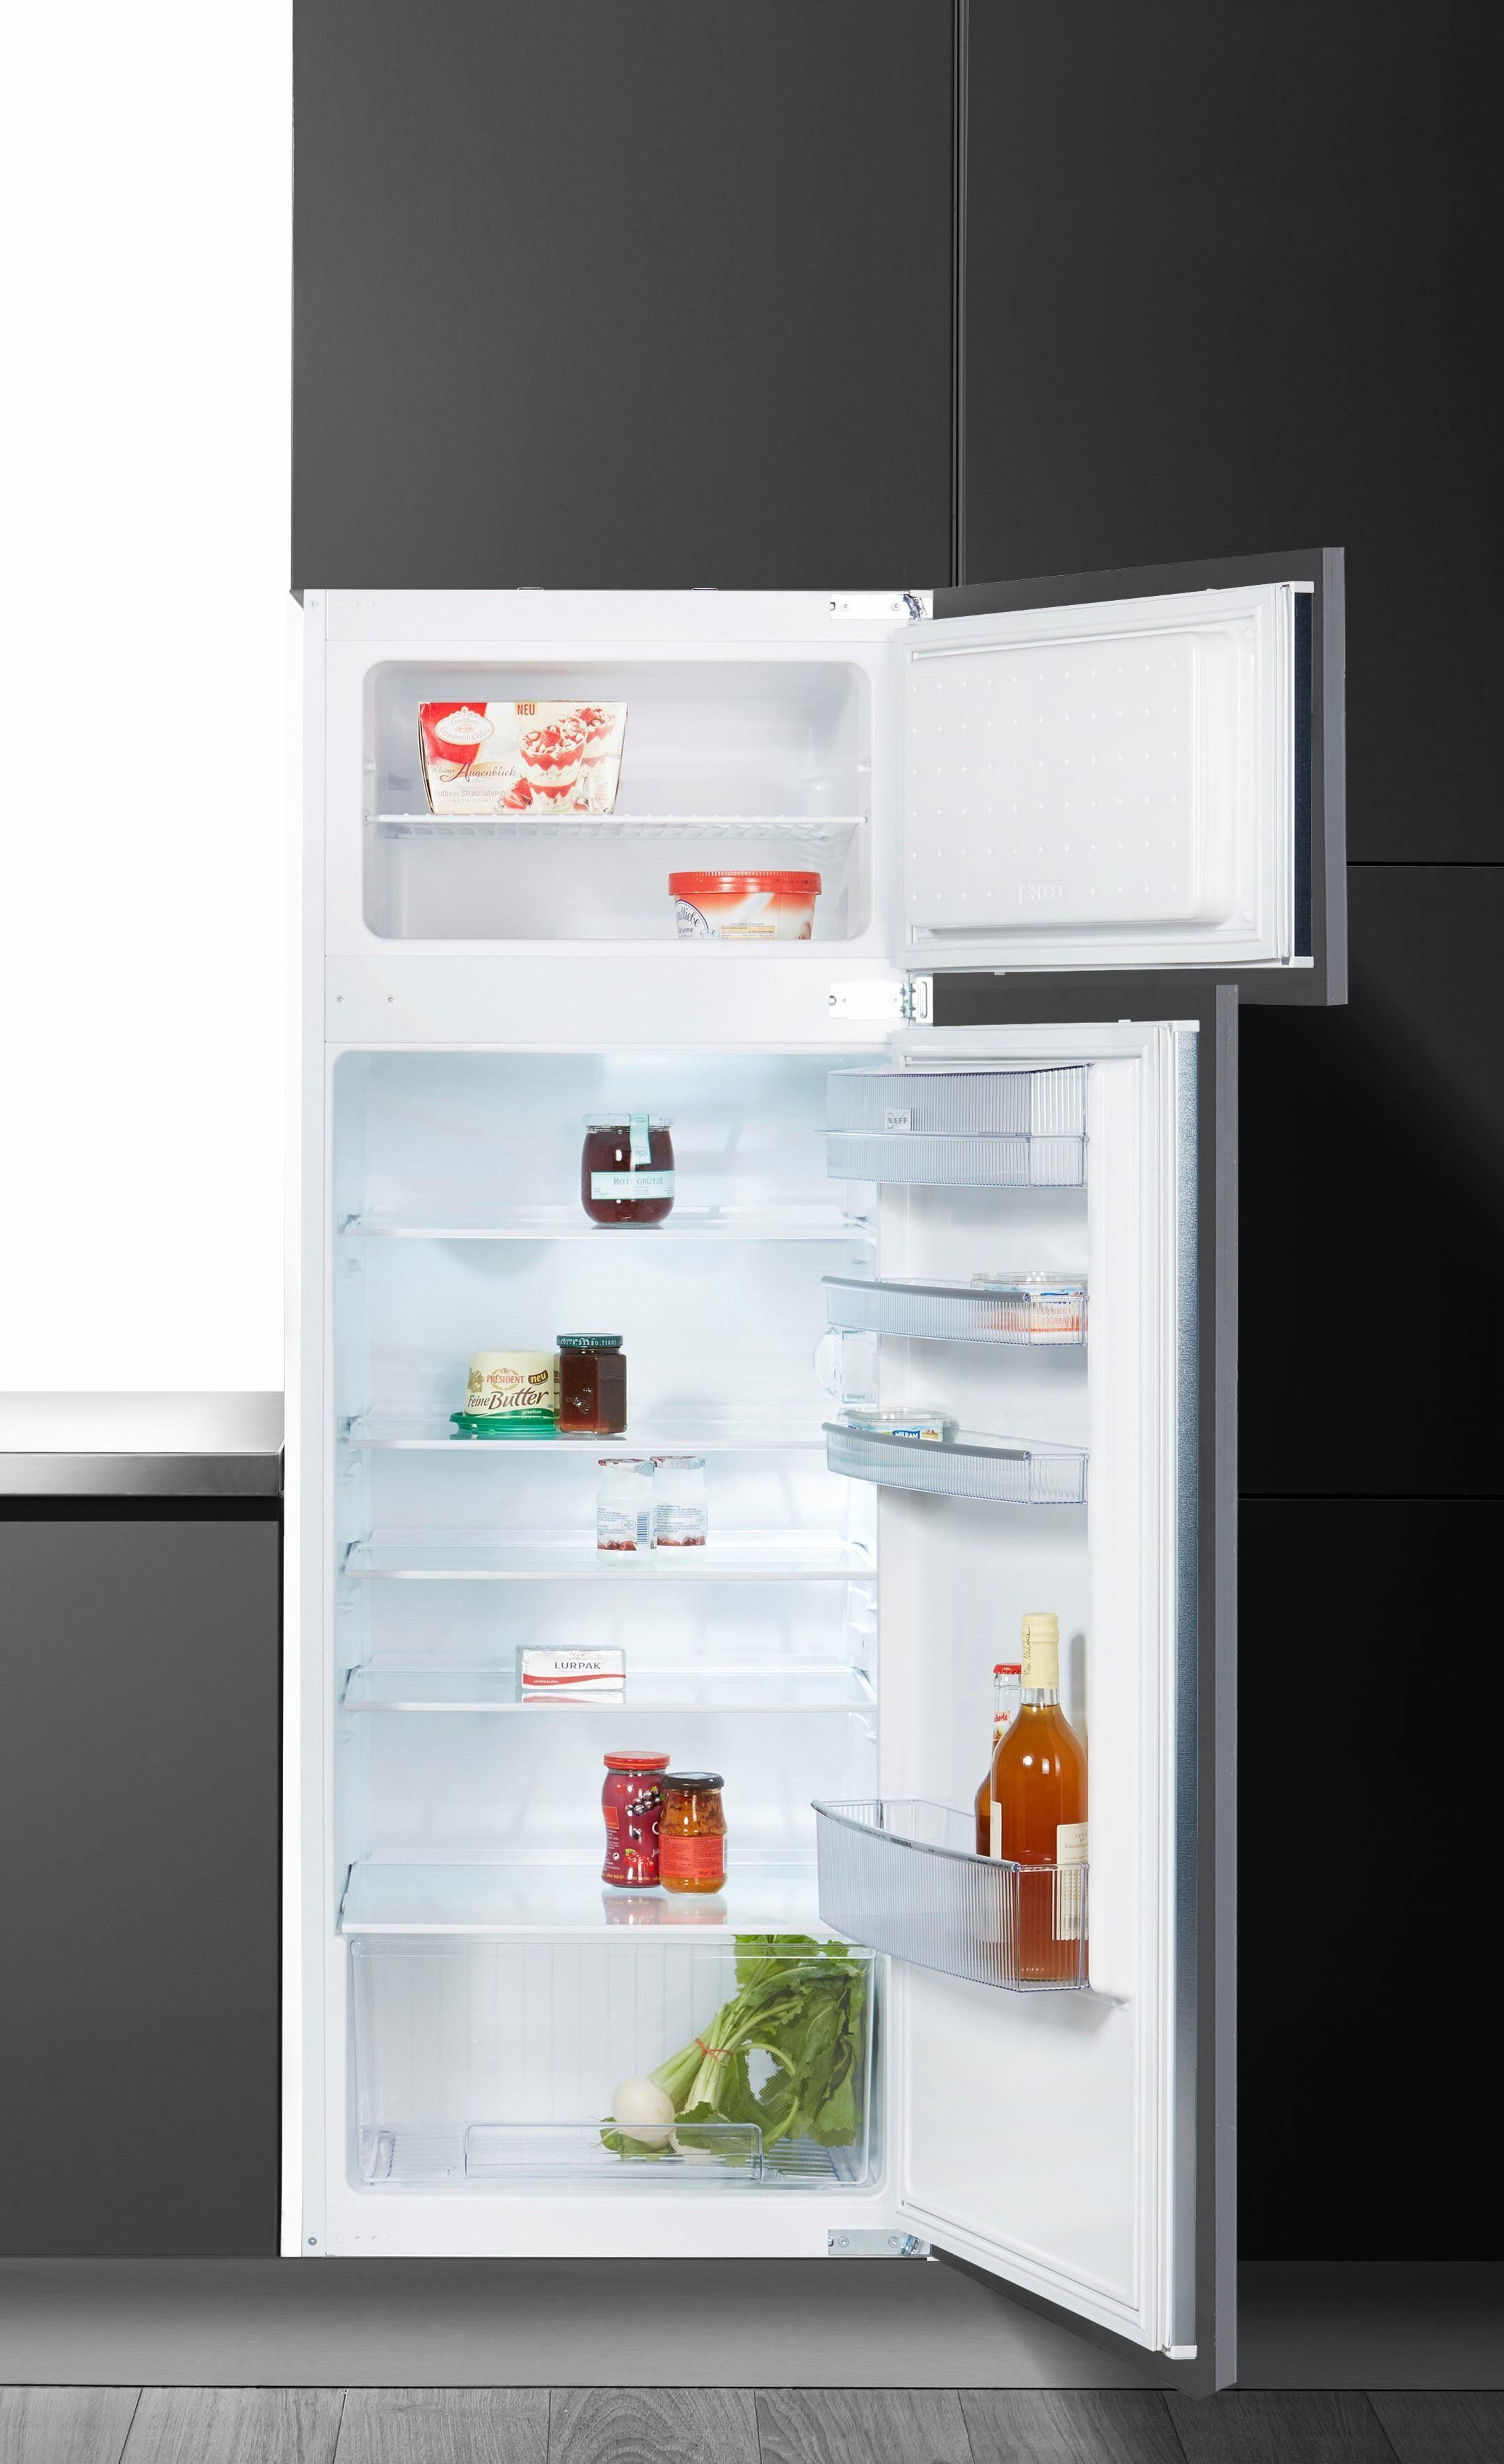 NEFF Einbaukühlschrank KT534A2 / K1674X8, 144,6 cm hoch, 54,5 cm breit, Energieeffizienzklasse: A++, 144,6 cm hoch